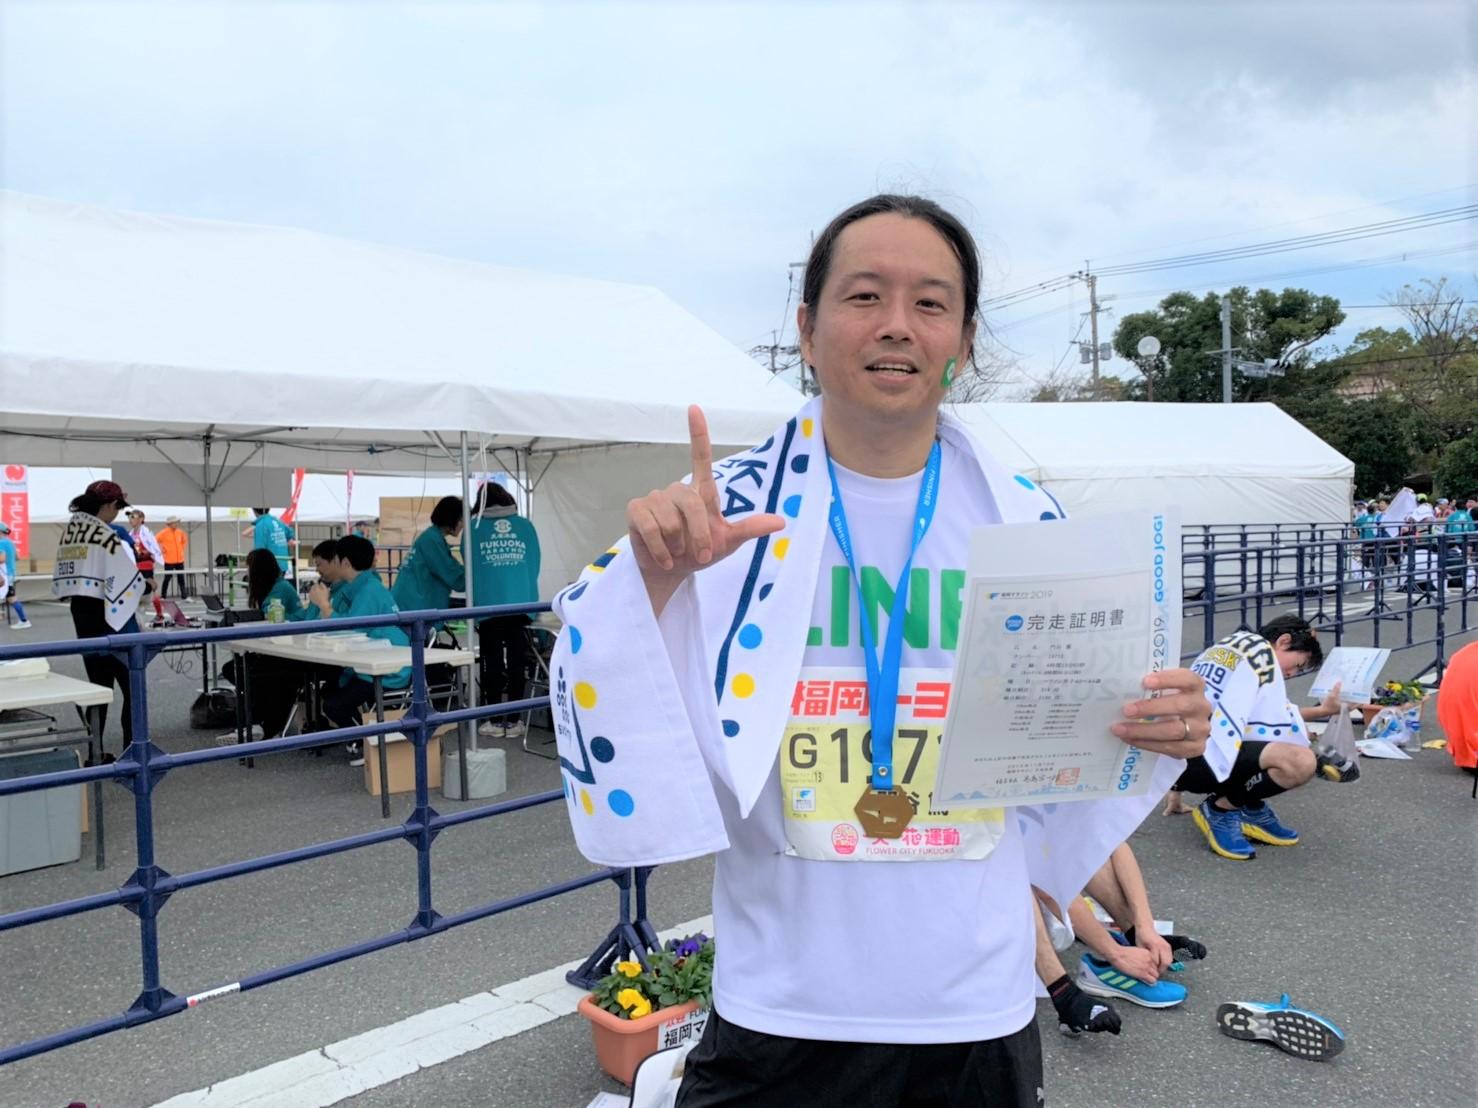 ゴール後ランナー(LINE・チャレンジ混合)_191110_0014